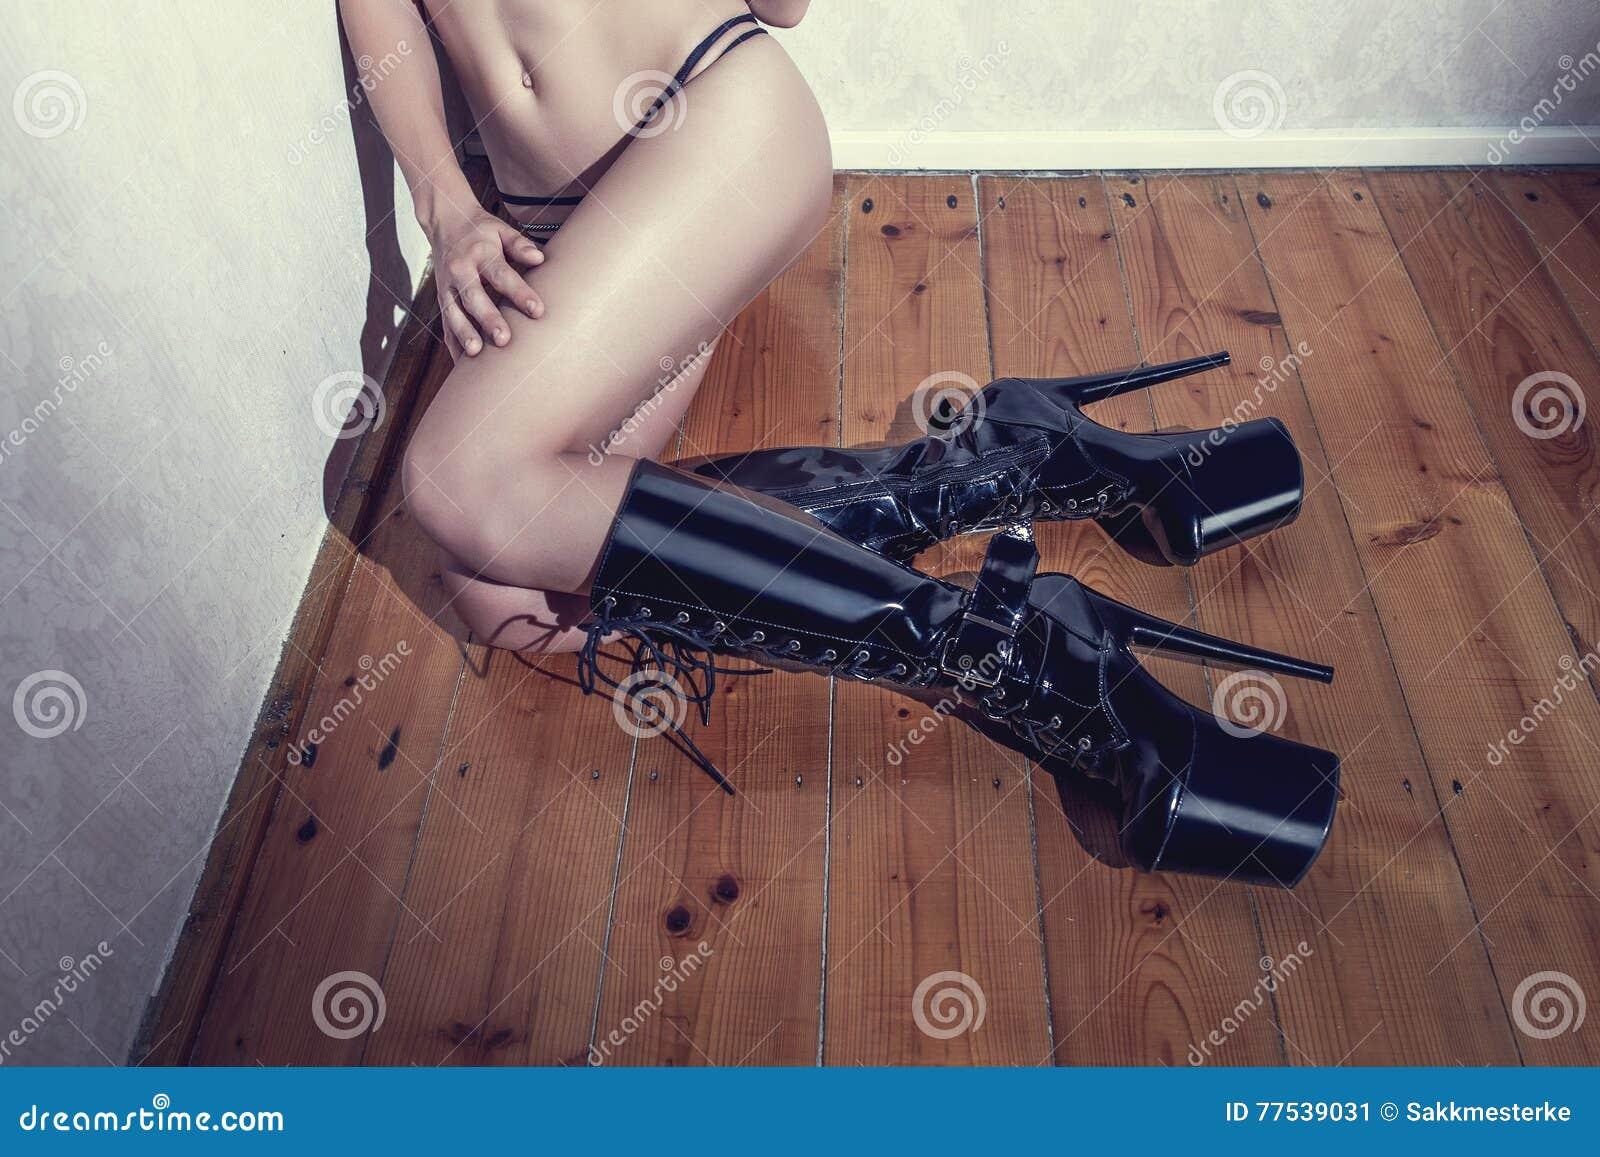 Corps Sexy De Femme Dans Des Bottes De Latex De Talon Haut